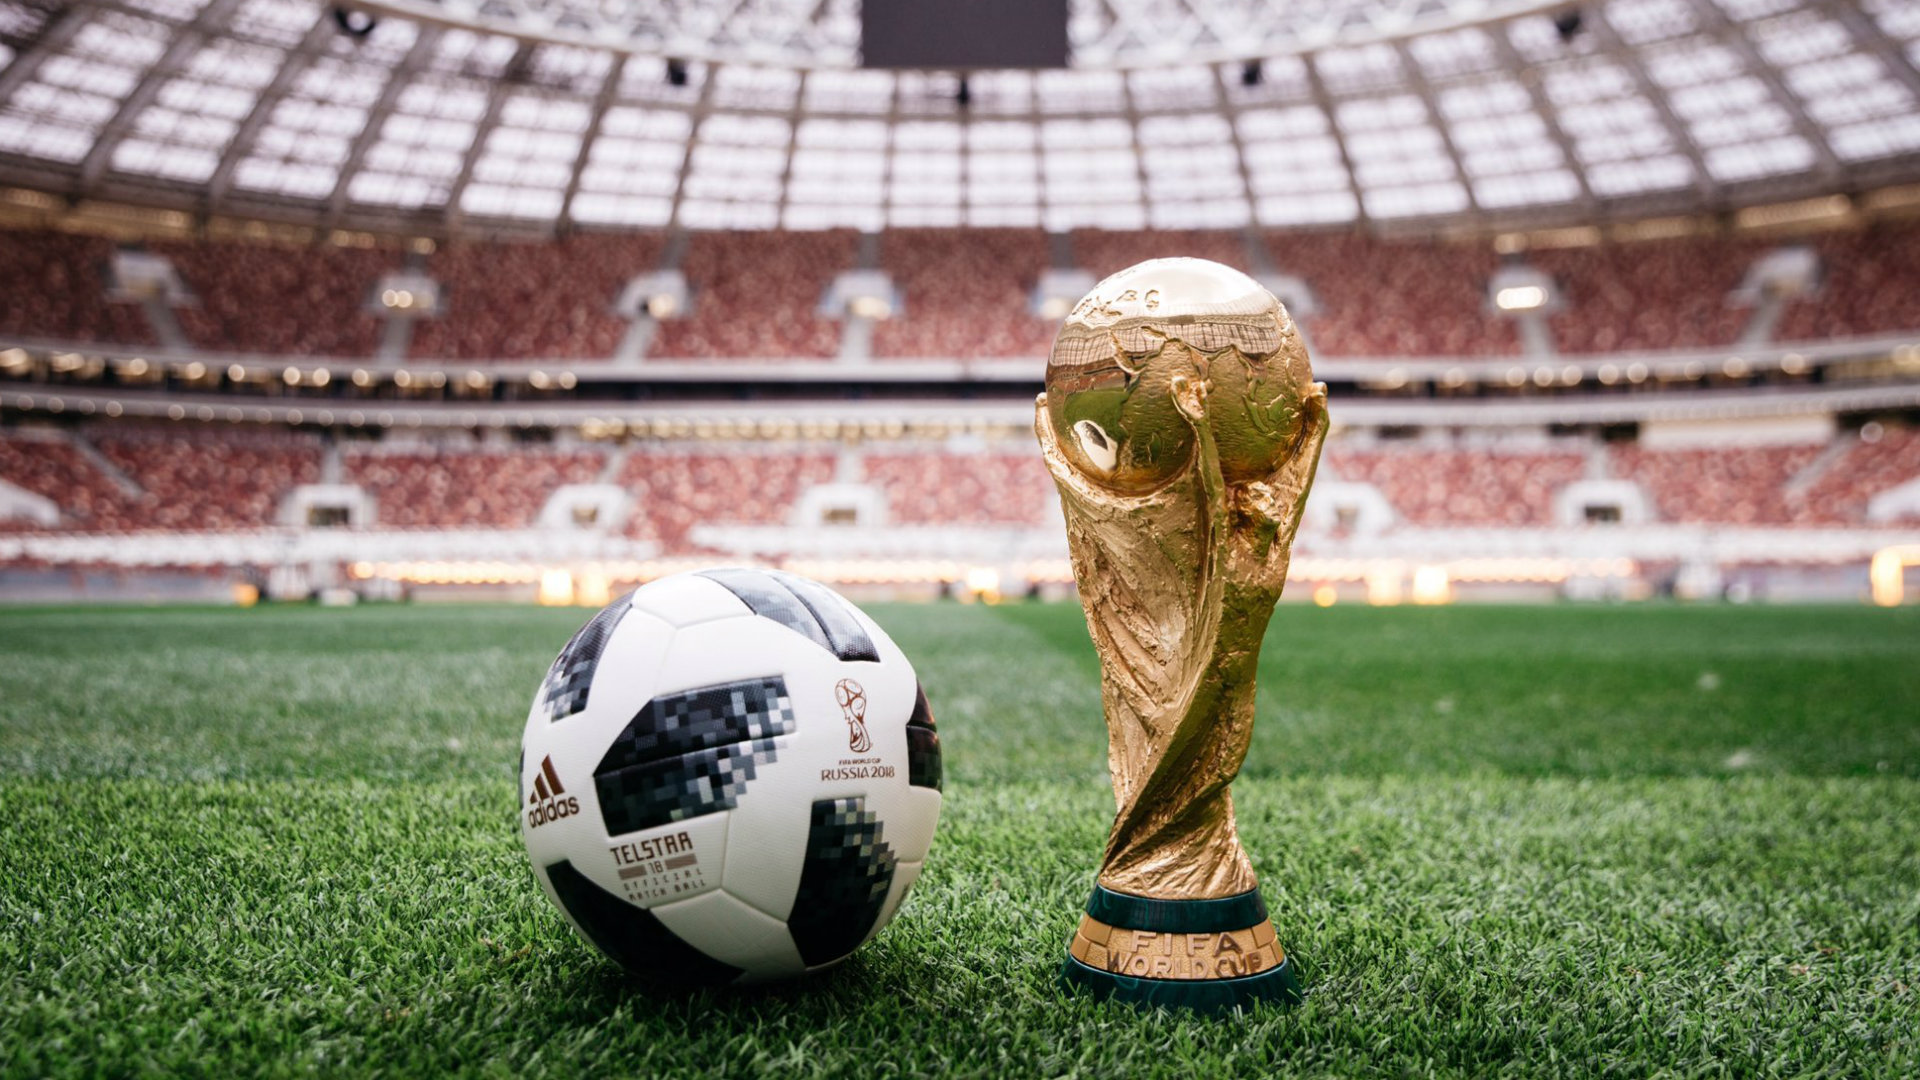 vecino Jugando ajedrez observación  La pelota del Mundial Rusia 2018: diseño, marca, cuánto cuesta y  características del Telstar 18 | Goal.com